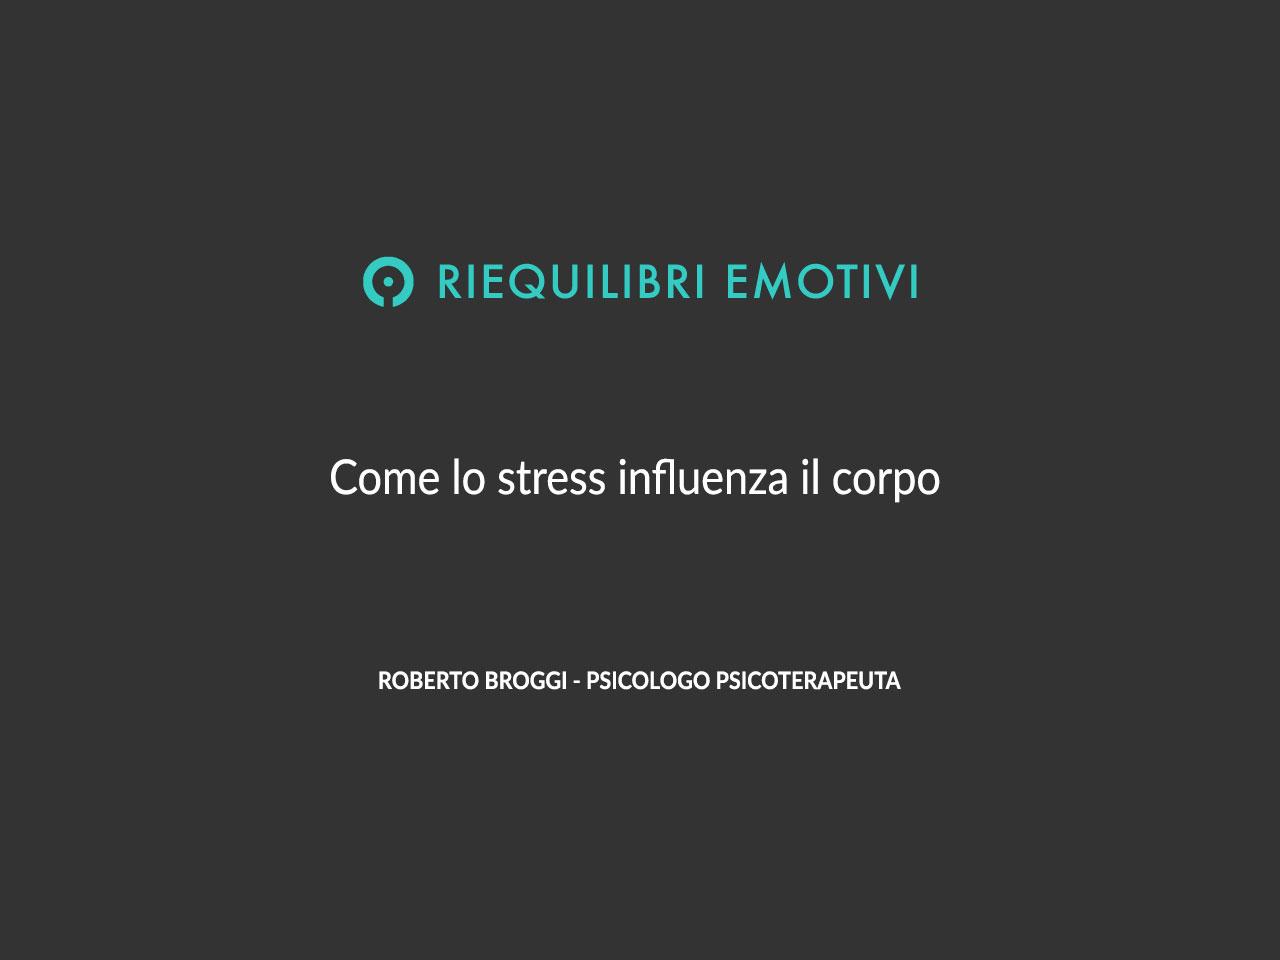 Come-lo-stress-influenza-il-corpo